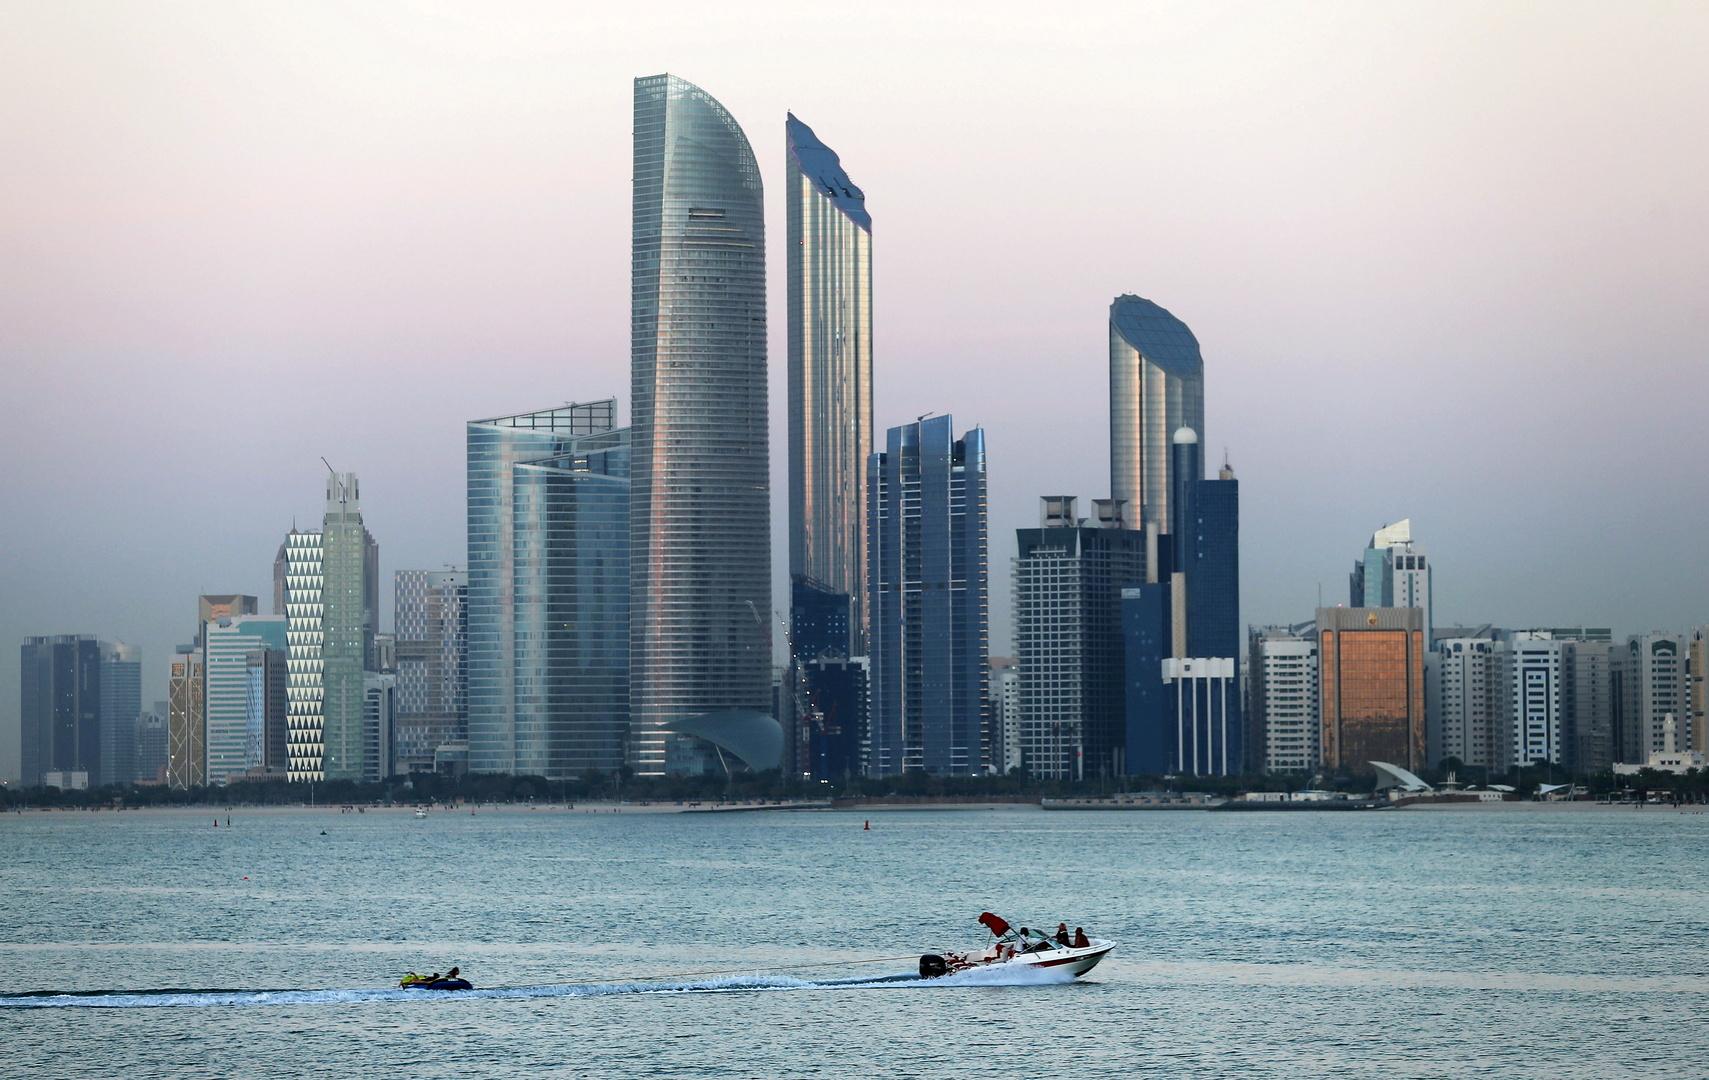 الرئيس الإماراتي يصدر قرارا باعتماد المبادئ الـ10 للدولة للـ50 عاما المقبلة